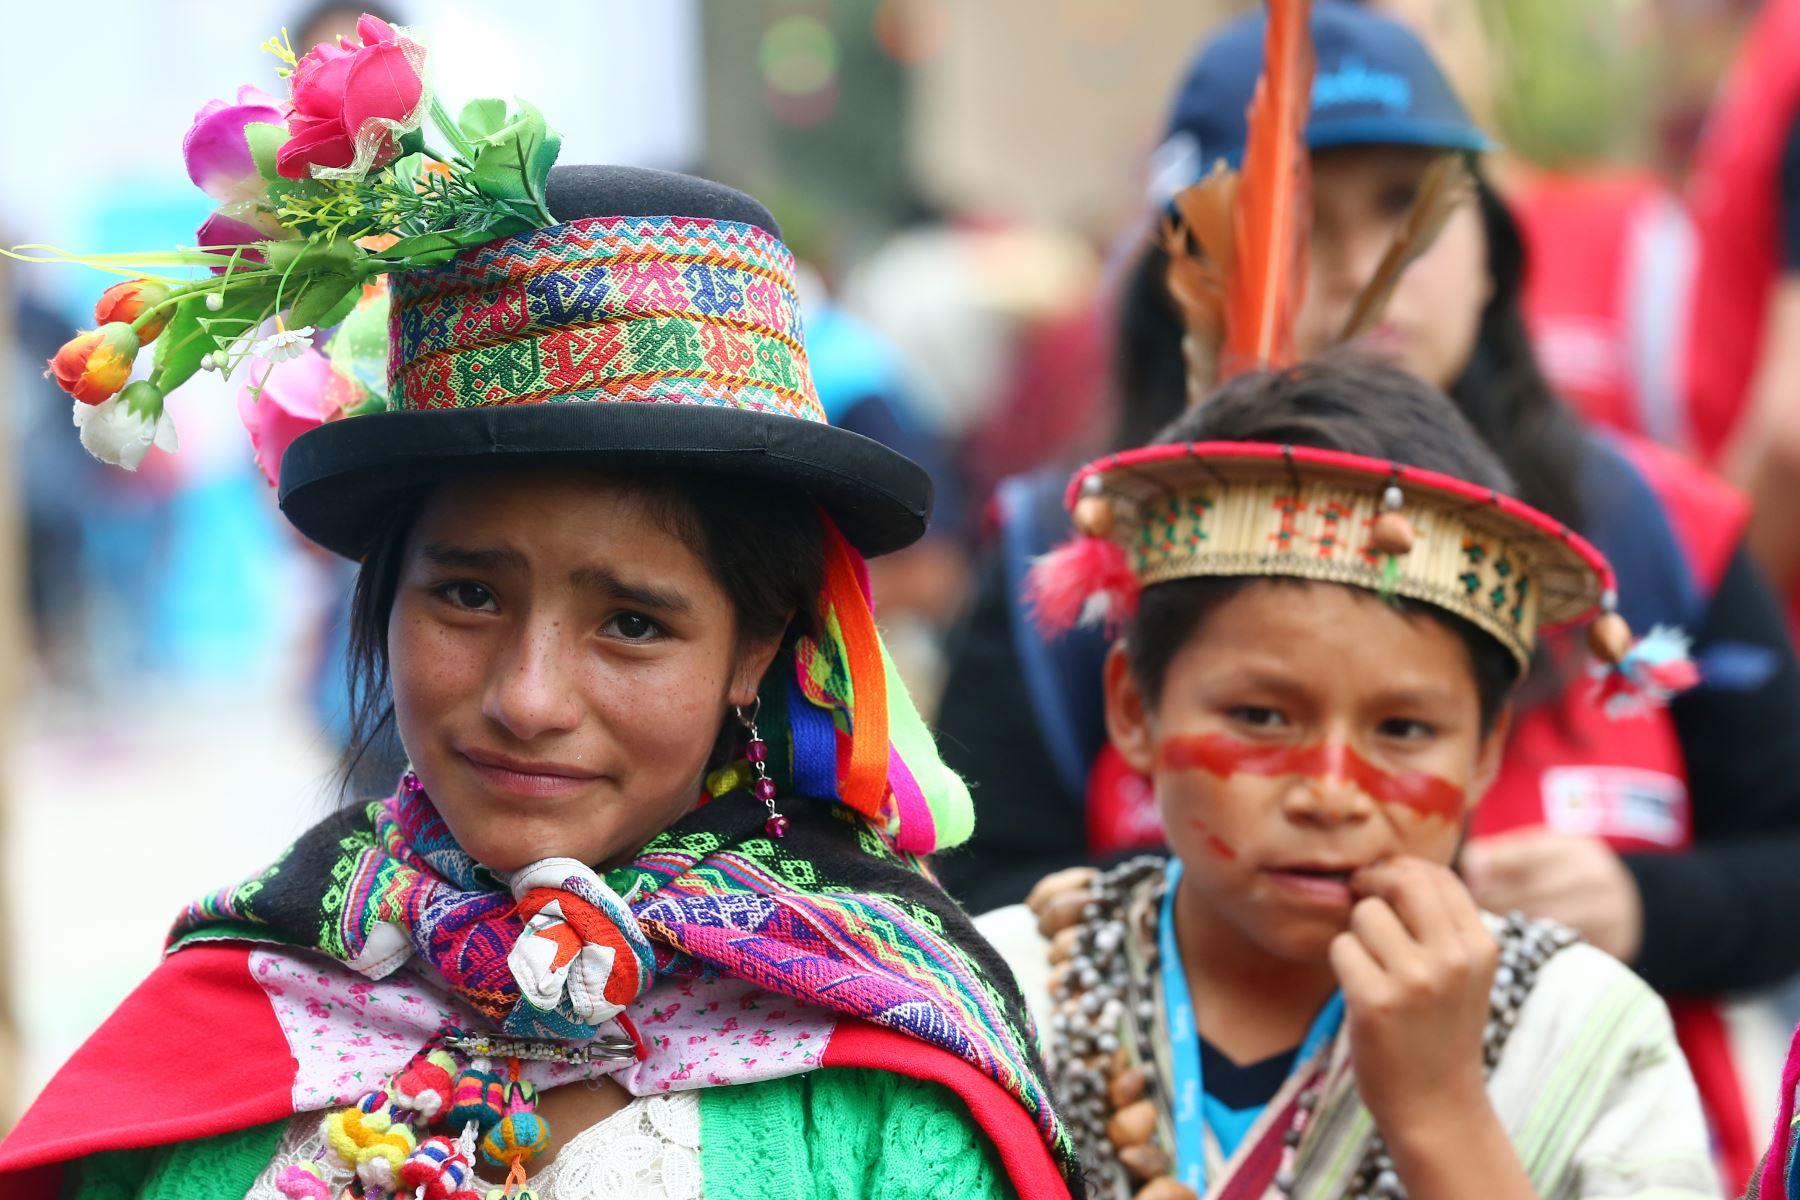 El Ministerio de Cultura sostuvo que la información oficial y actualizada permitirá desarrollar políticas públicas para el desarrollo de los pueblos indígenas. Foto: ANDINA/Melina Mejía